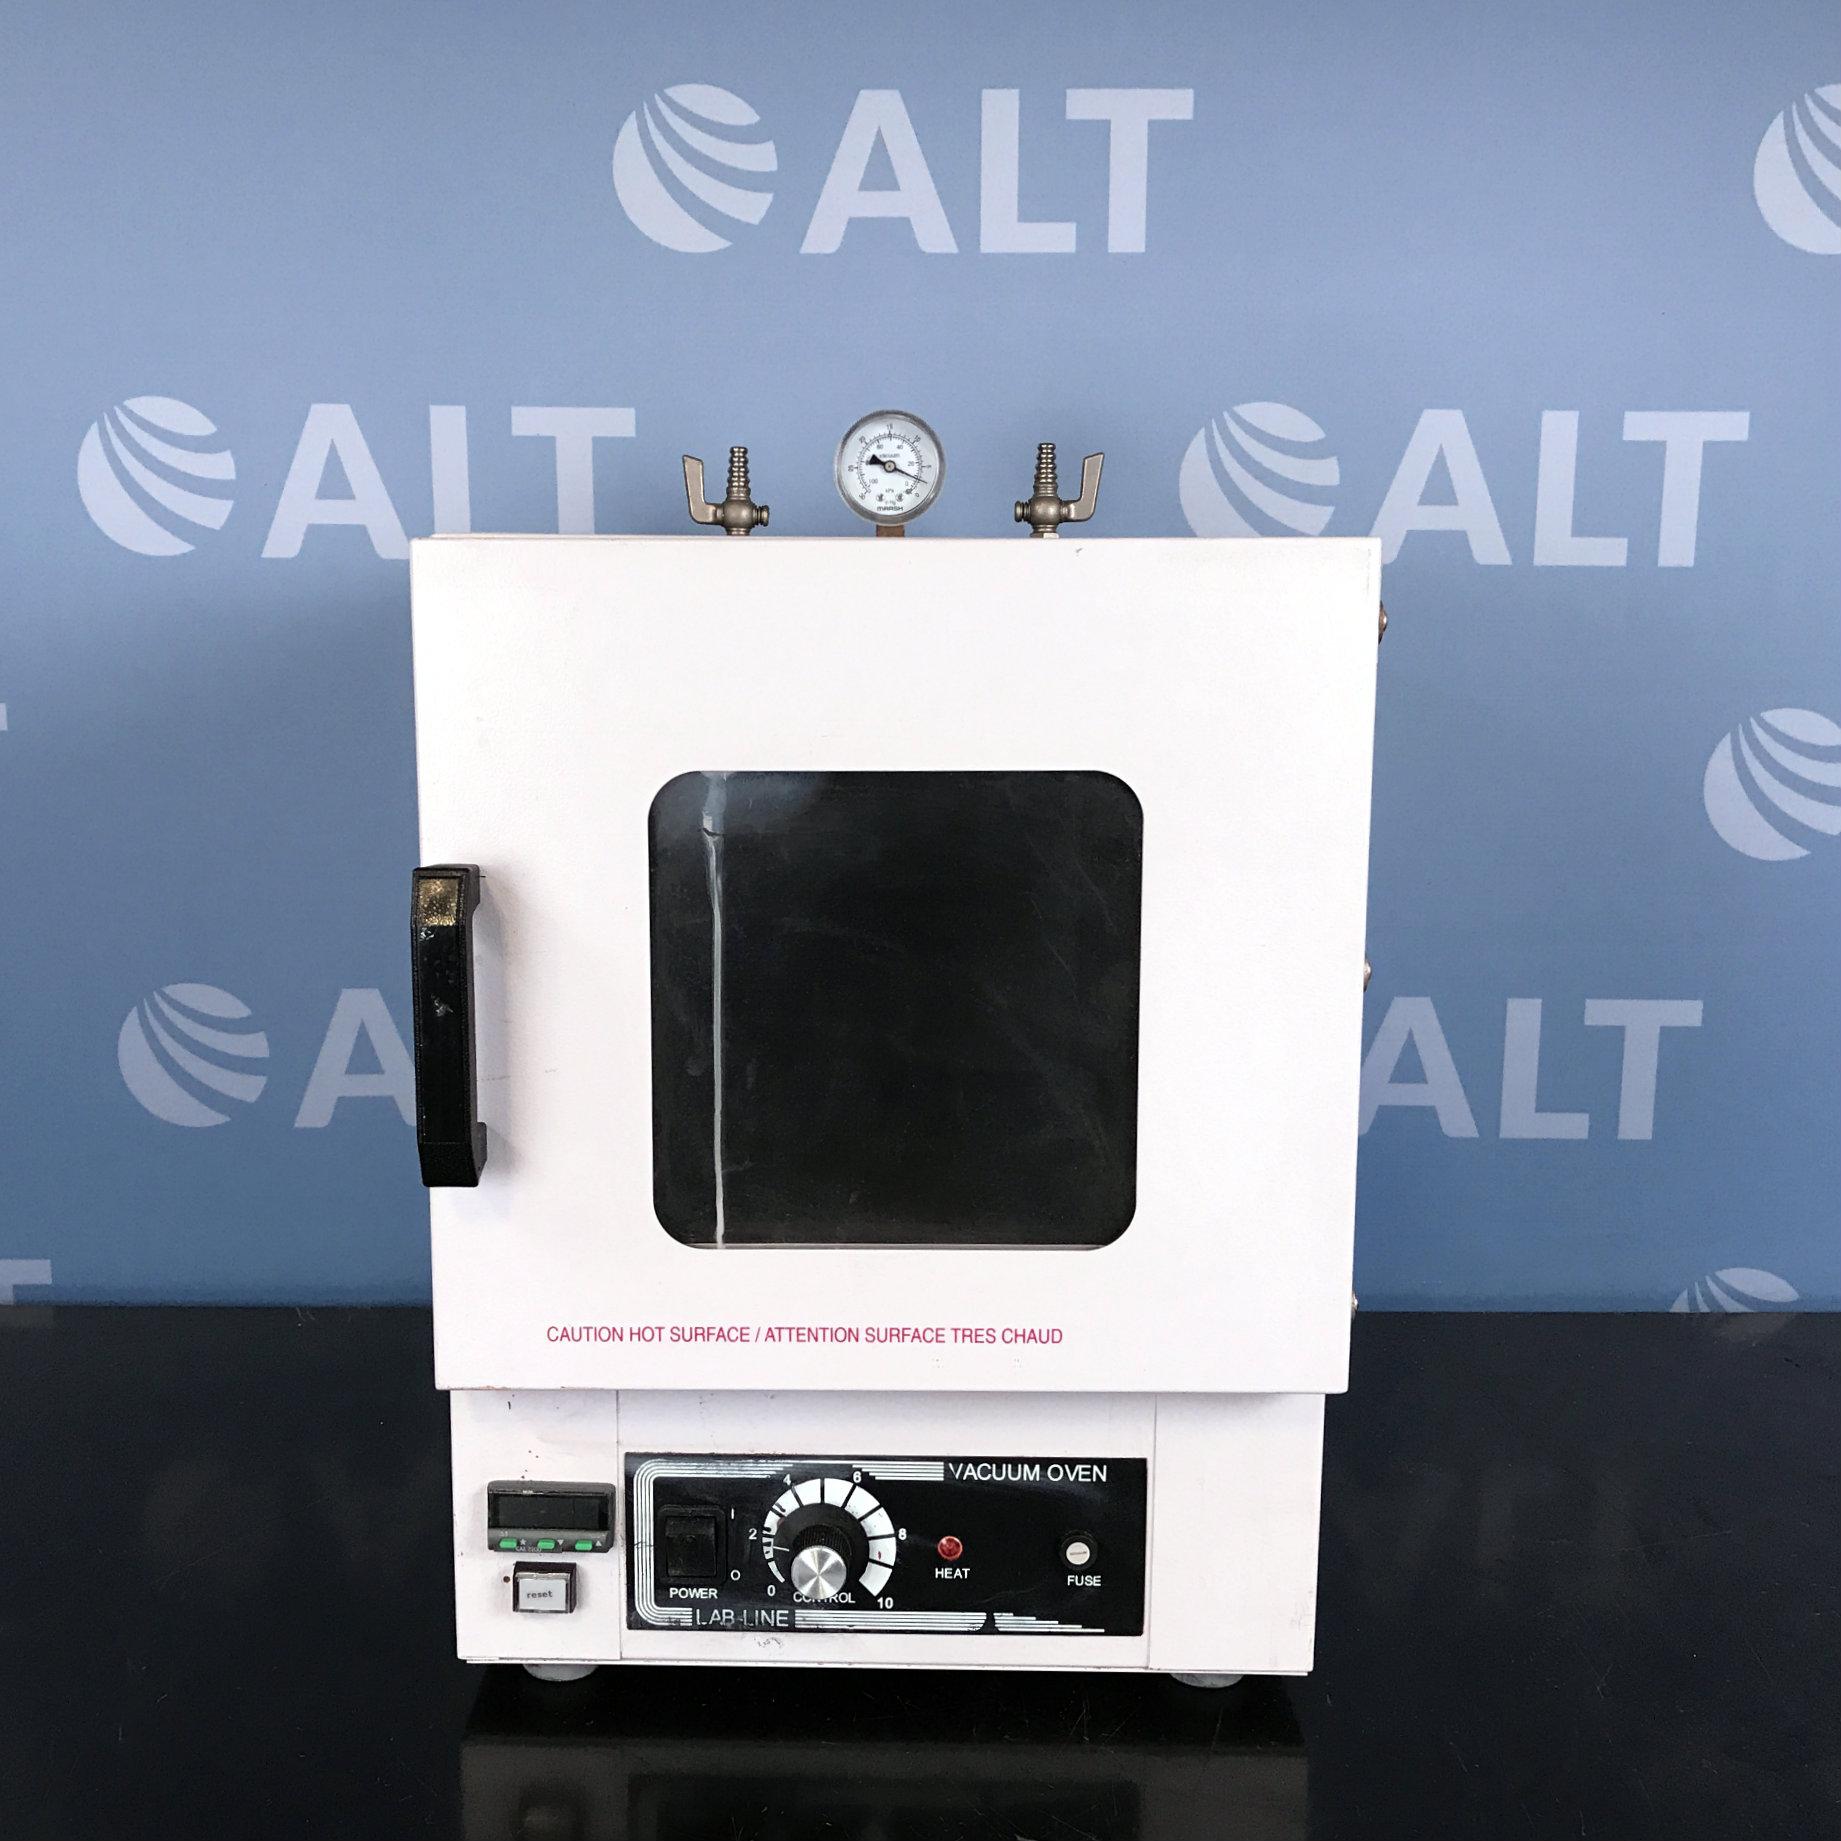 Lab-Line 3606 Vacuum Oven Image